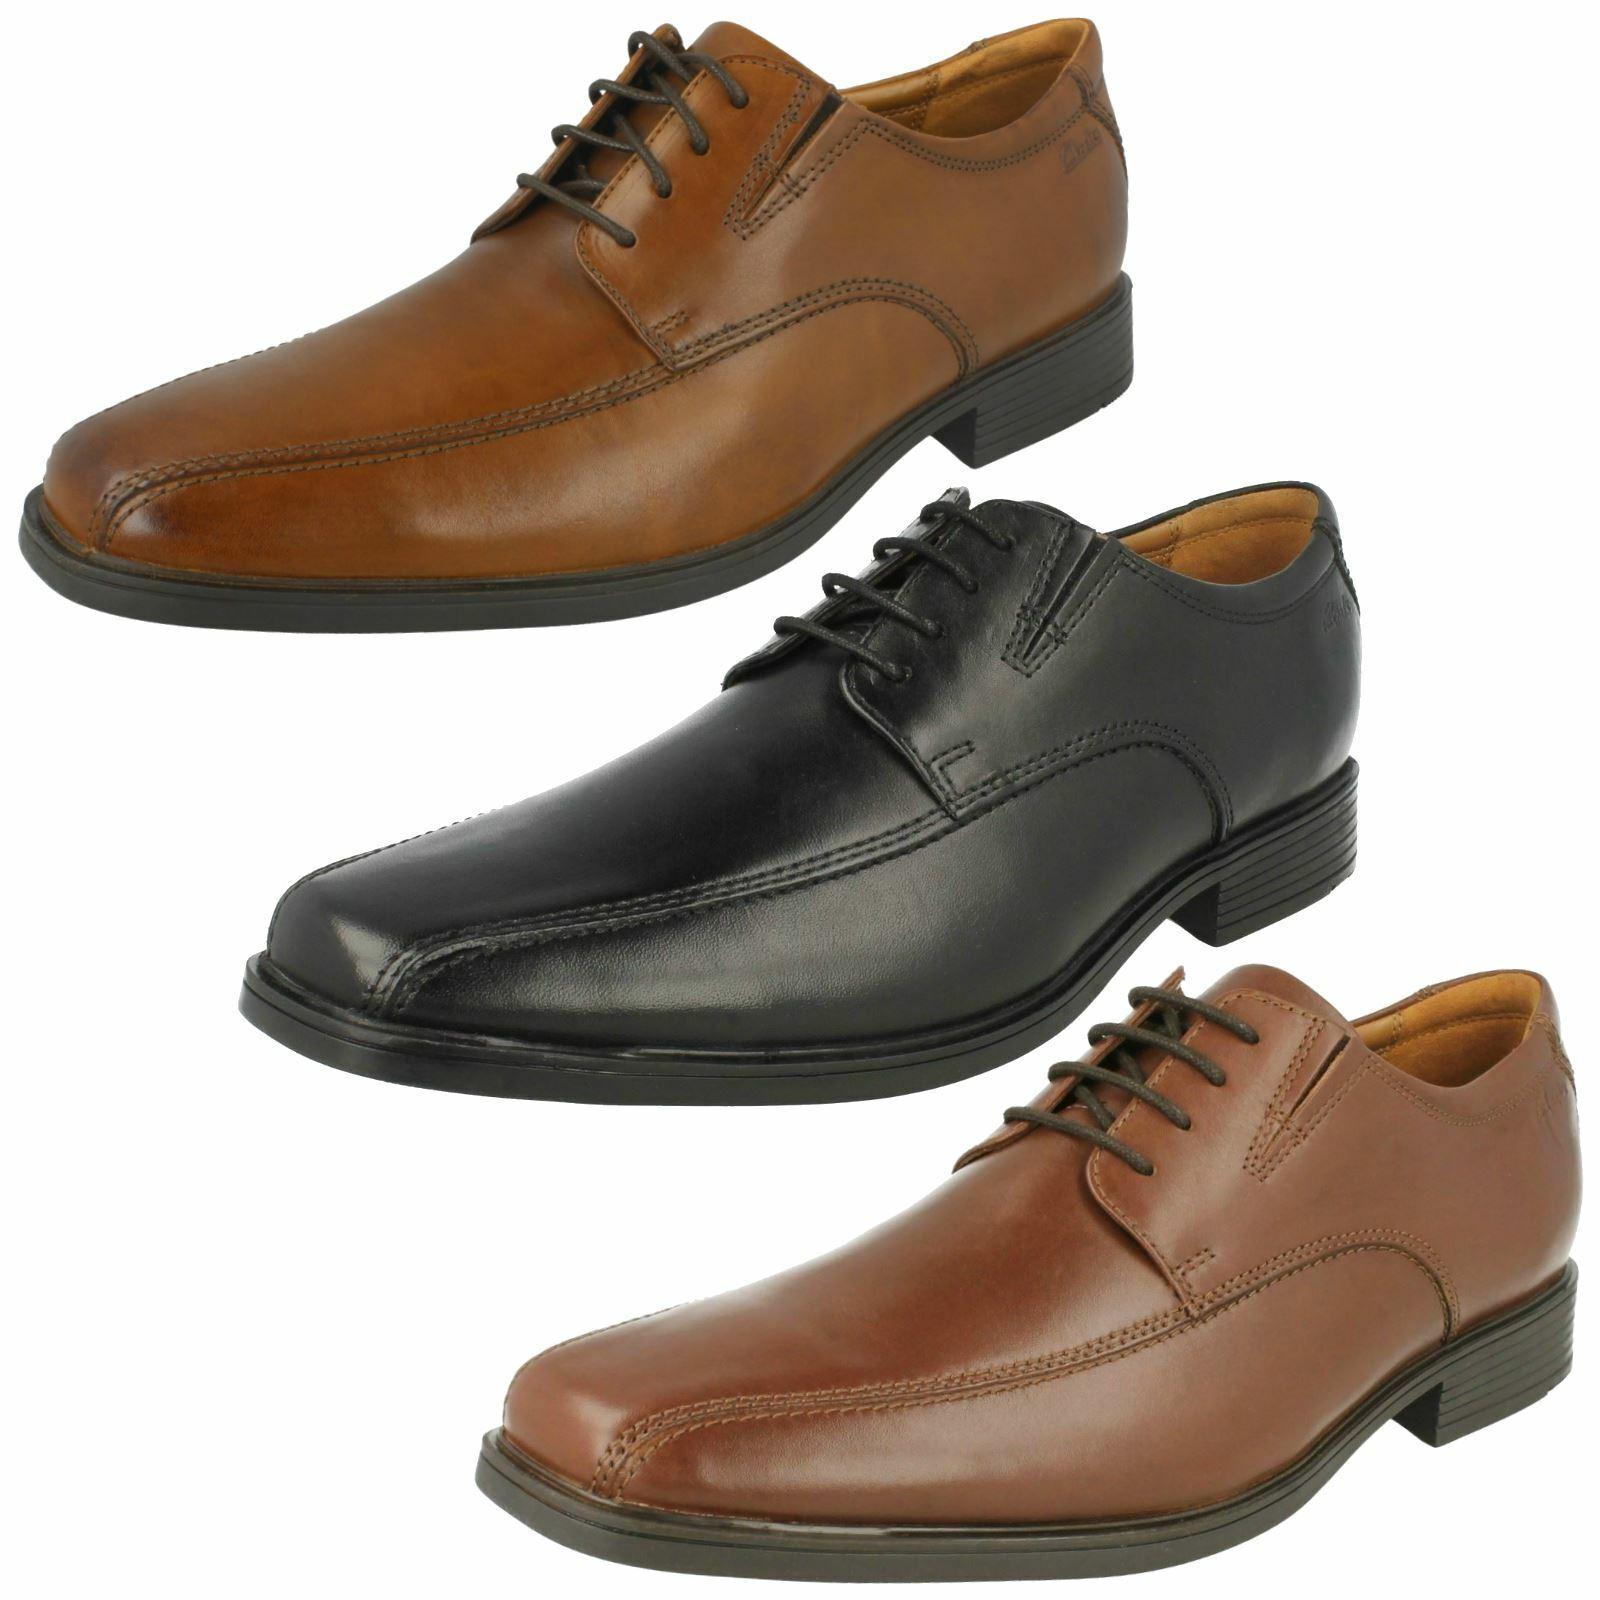 CLARKS TILDEN pour homme de marche à lacets en cuir travail quotidien élégant Formel Chaussures Tailles